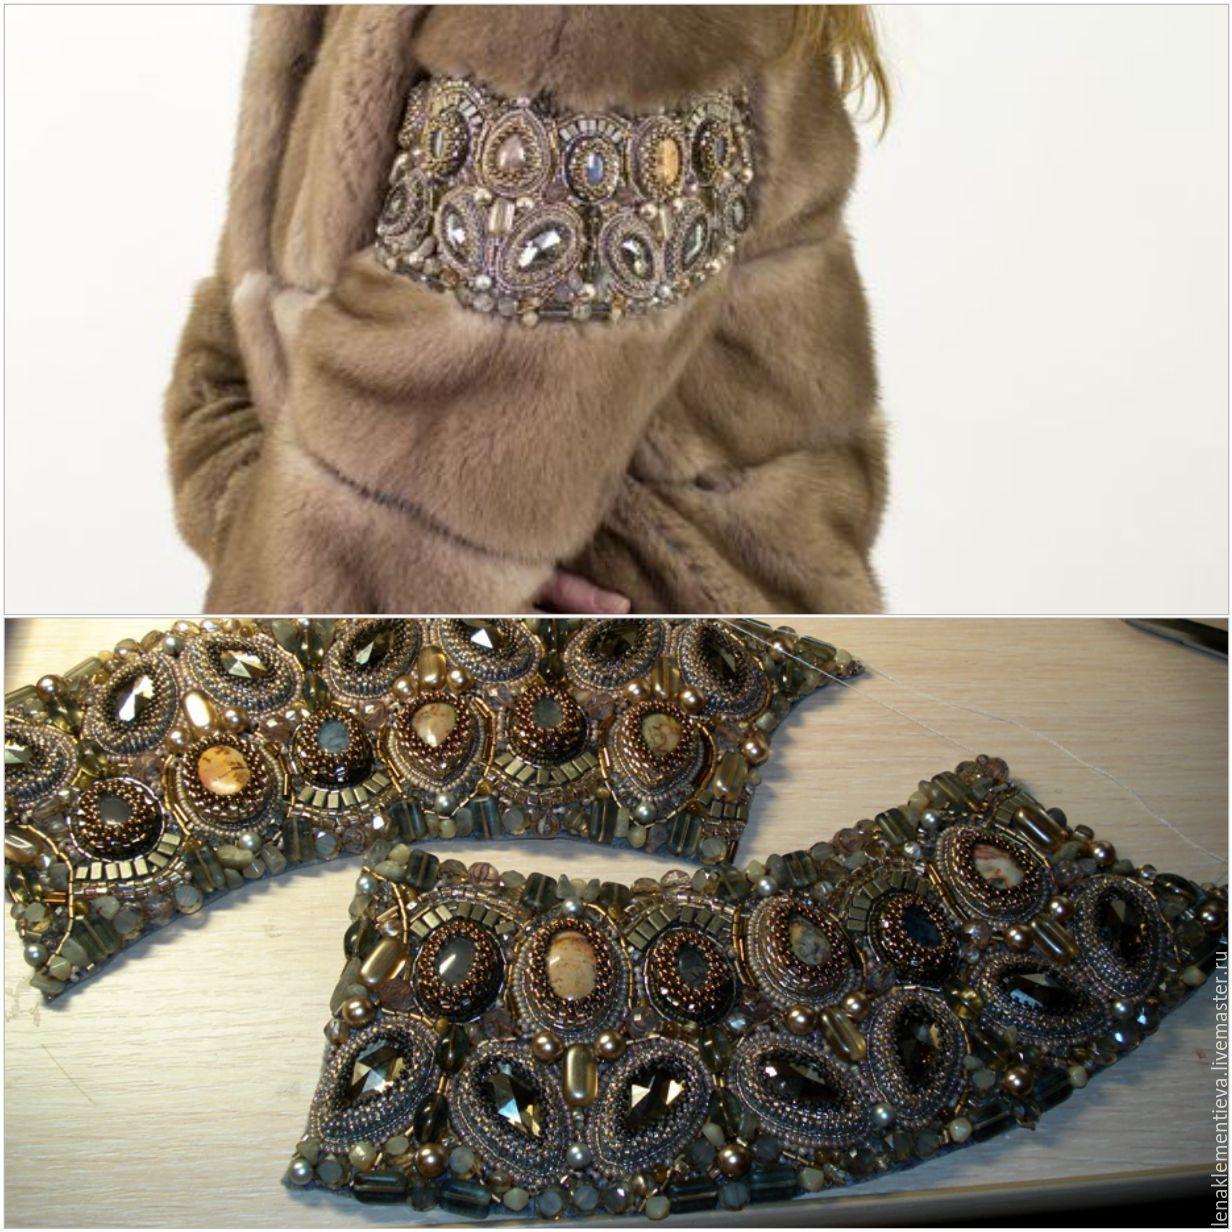 Купить Вышивка по меху комбинированный вышивка на